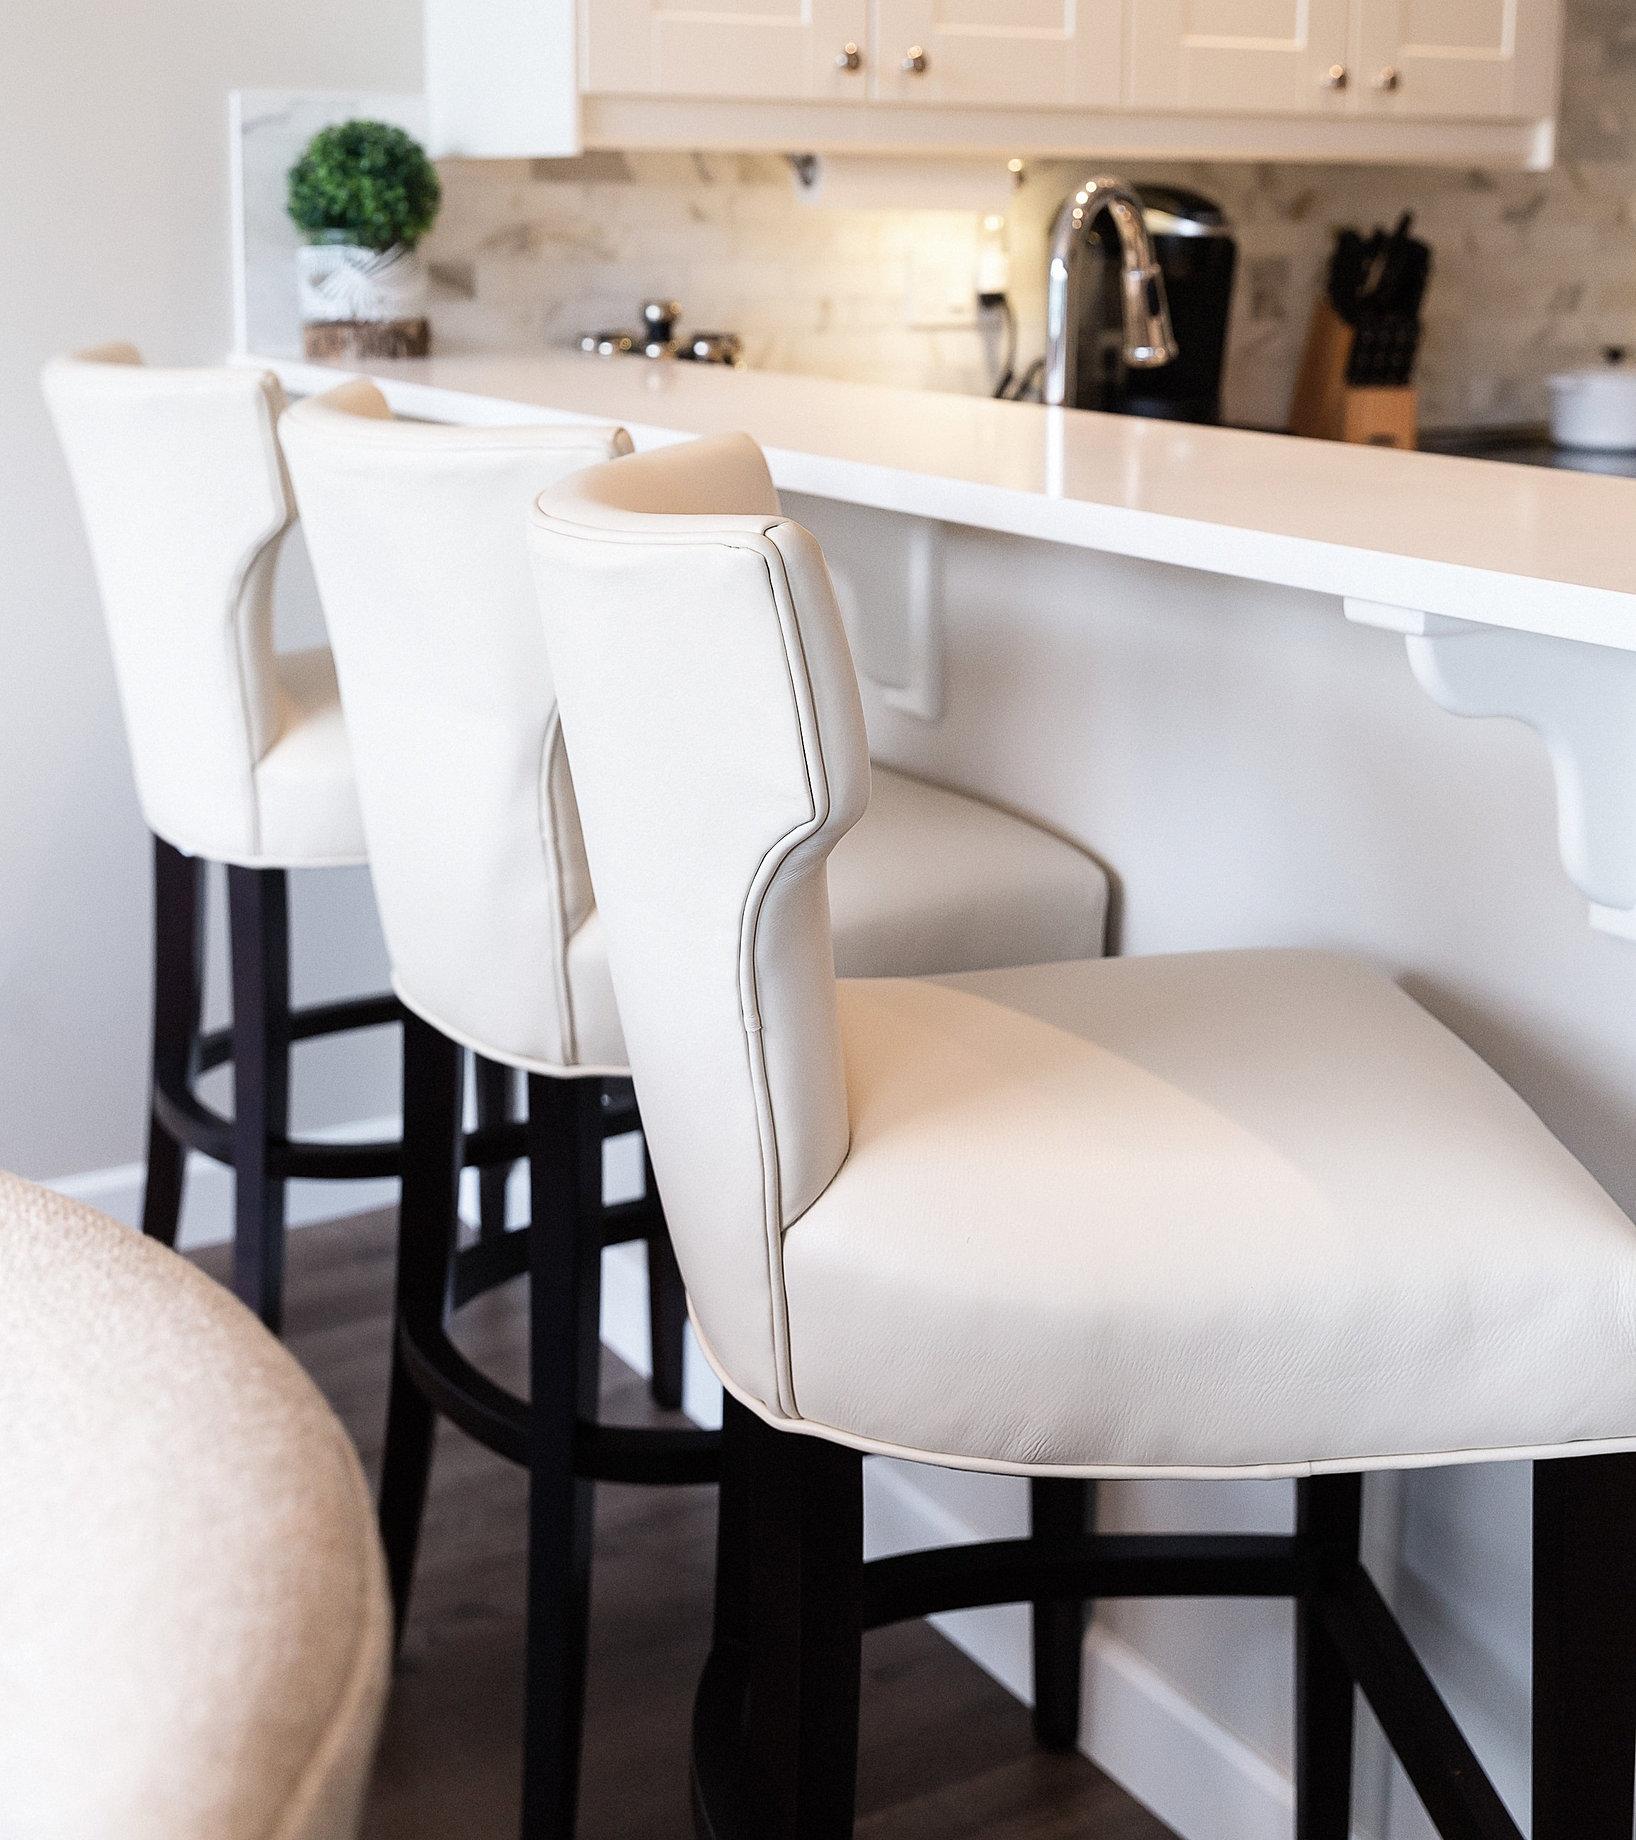 Esams Condo Interior Design Vancouver: Interior Design Ideas – Vancouver BC